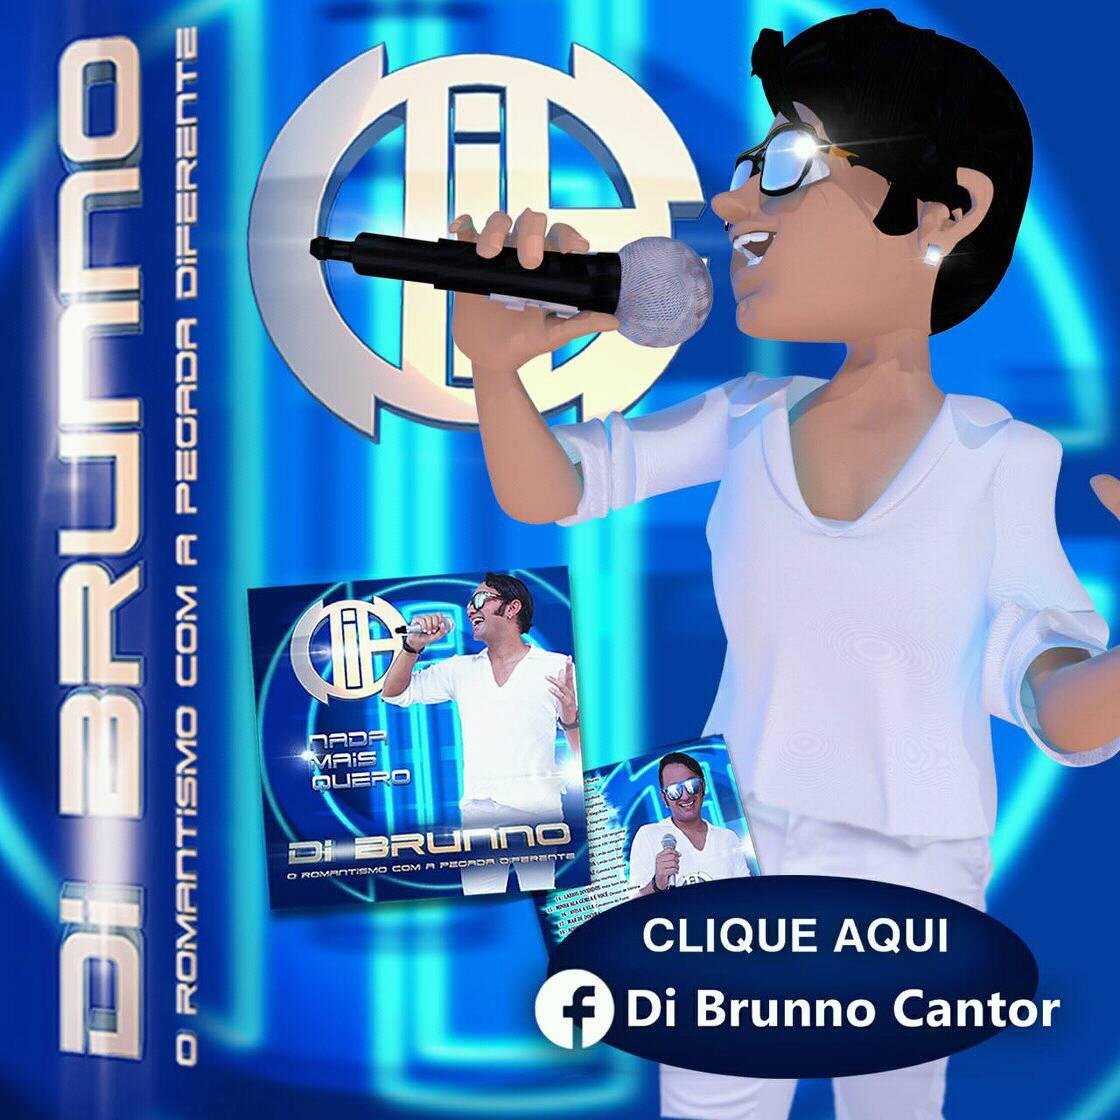 Di Bruno